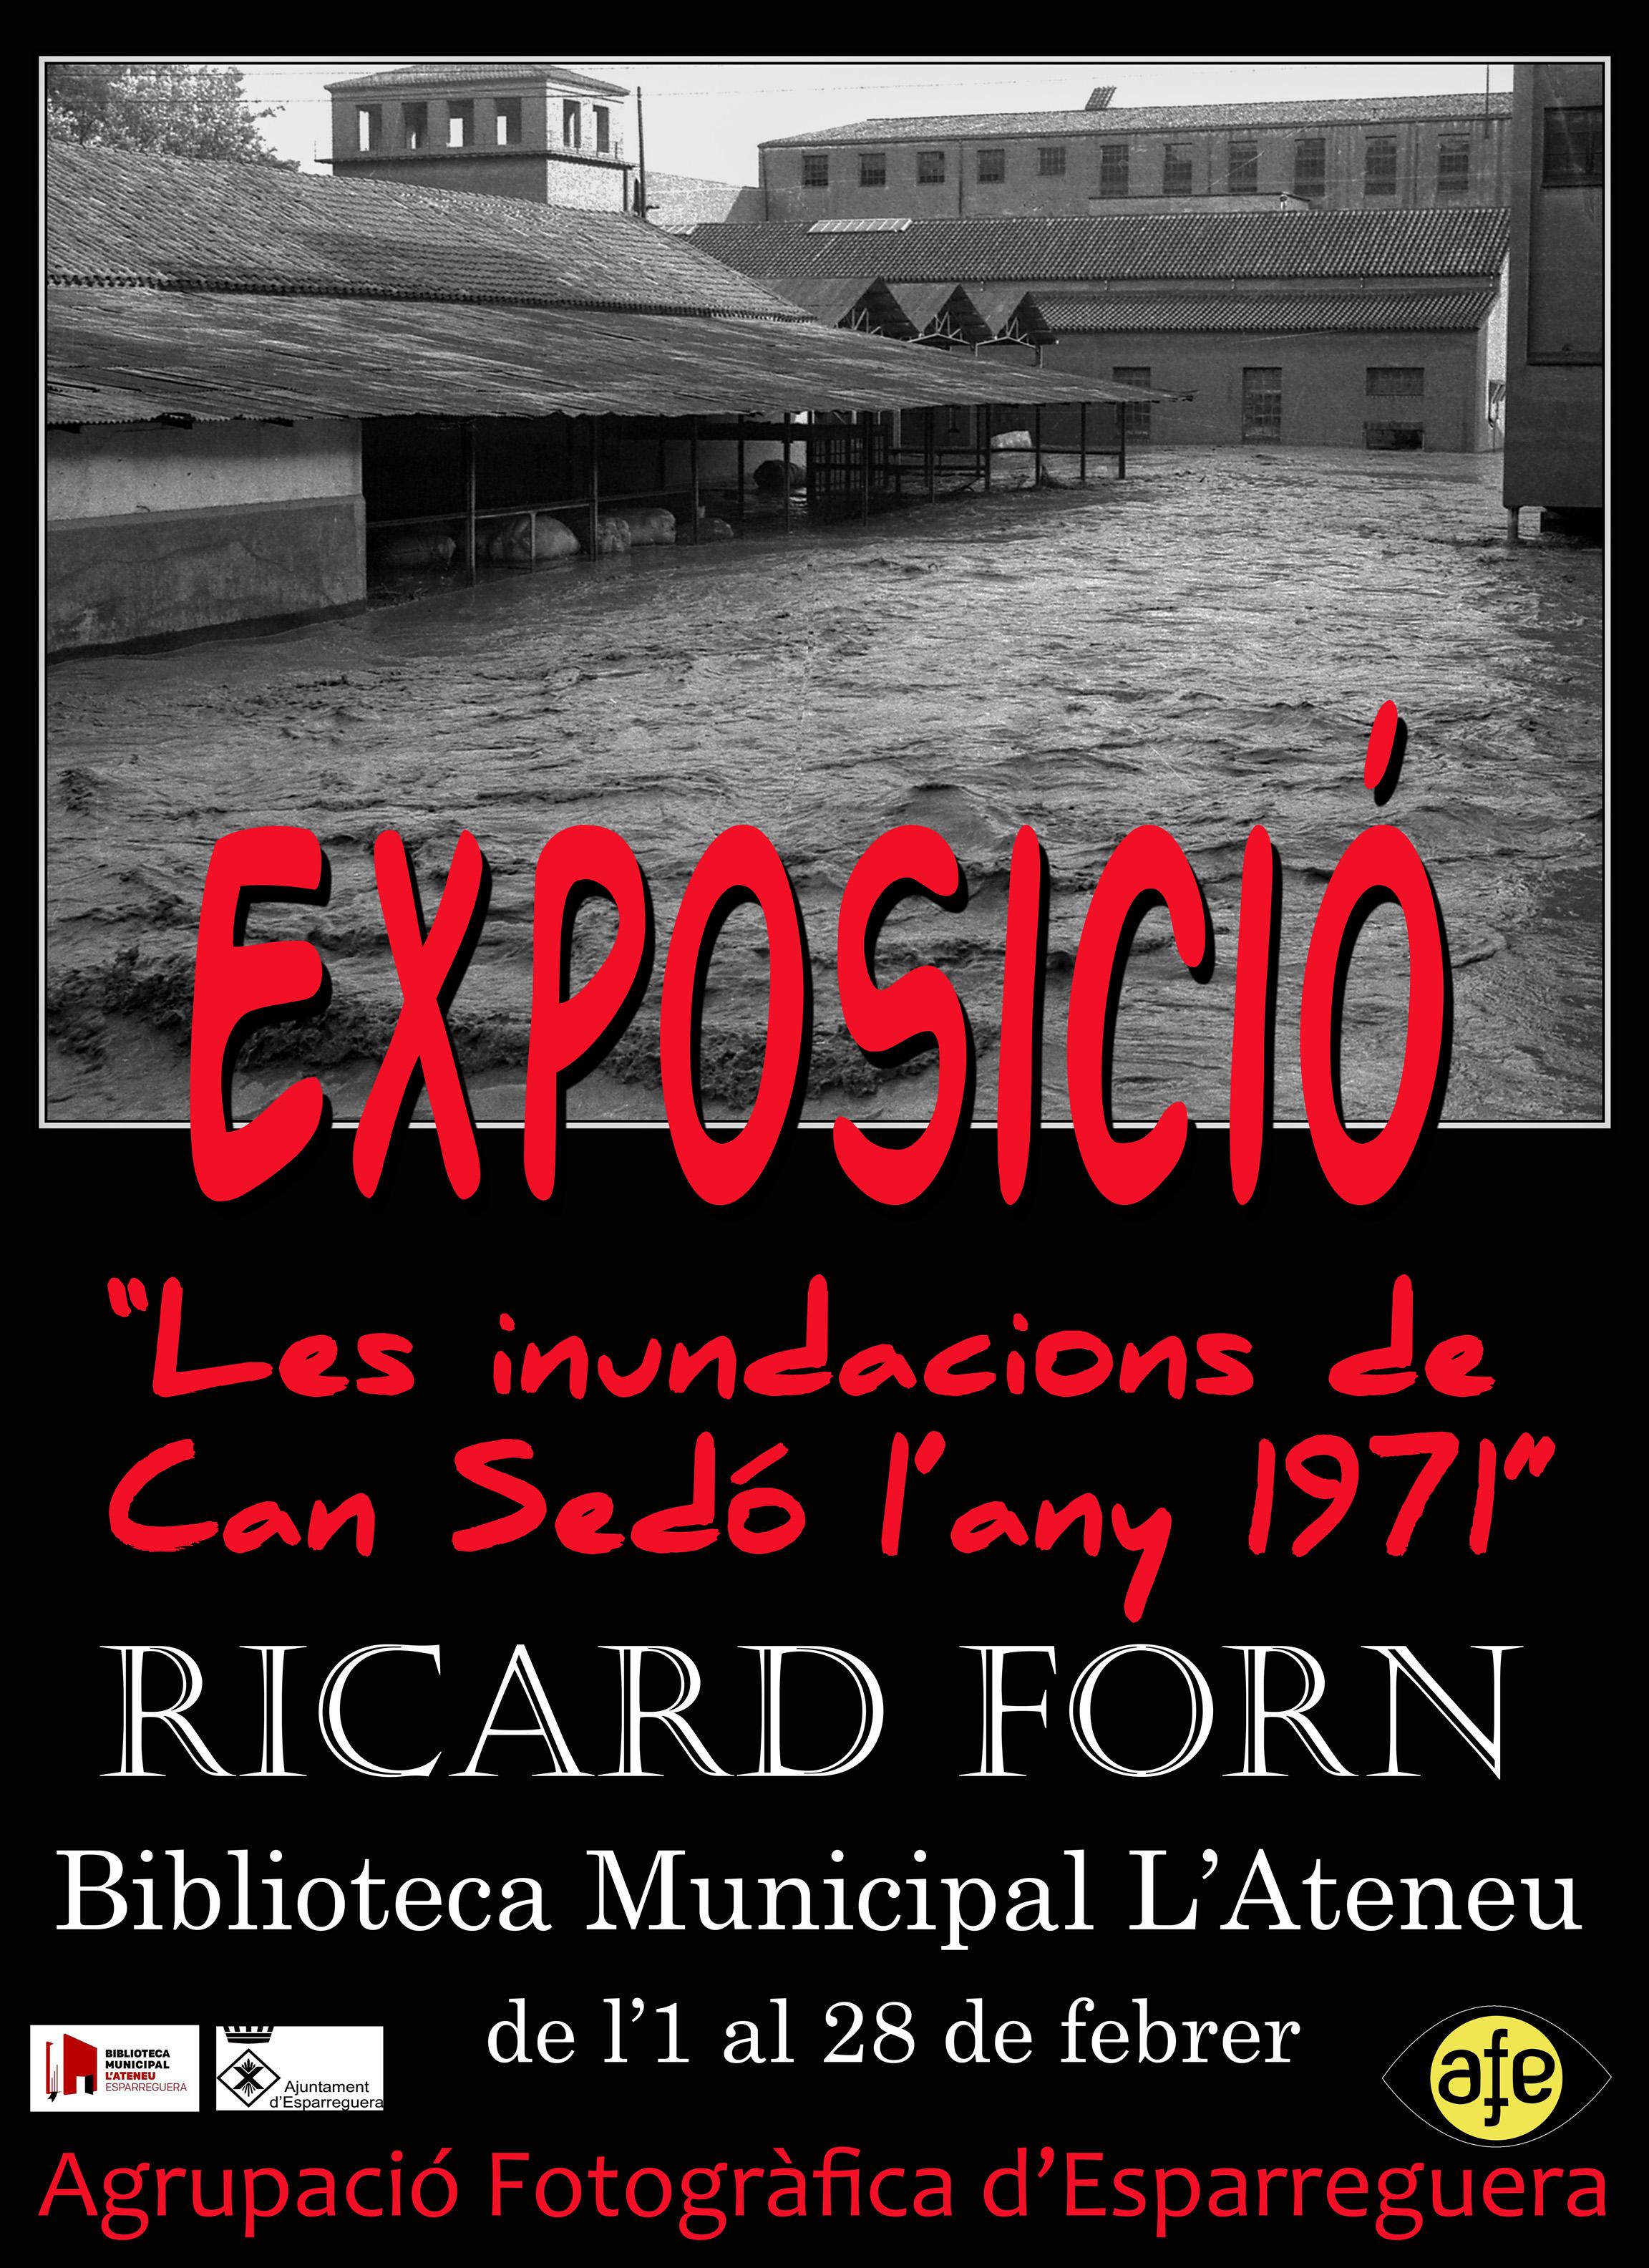 exposicio-ricard-forn